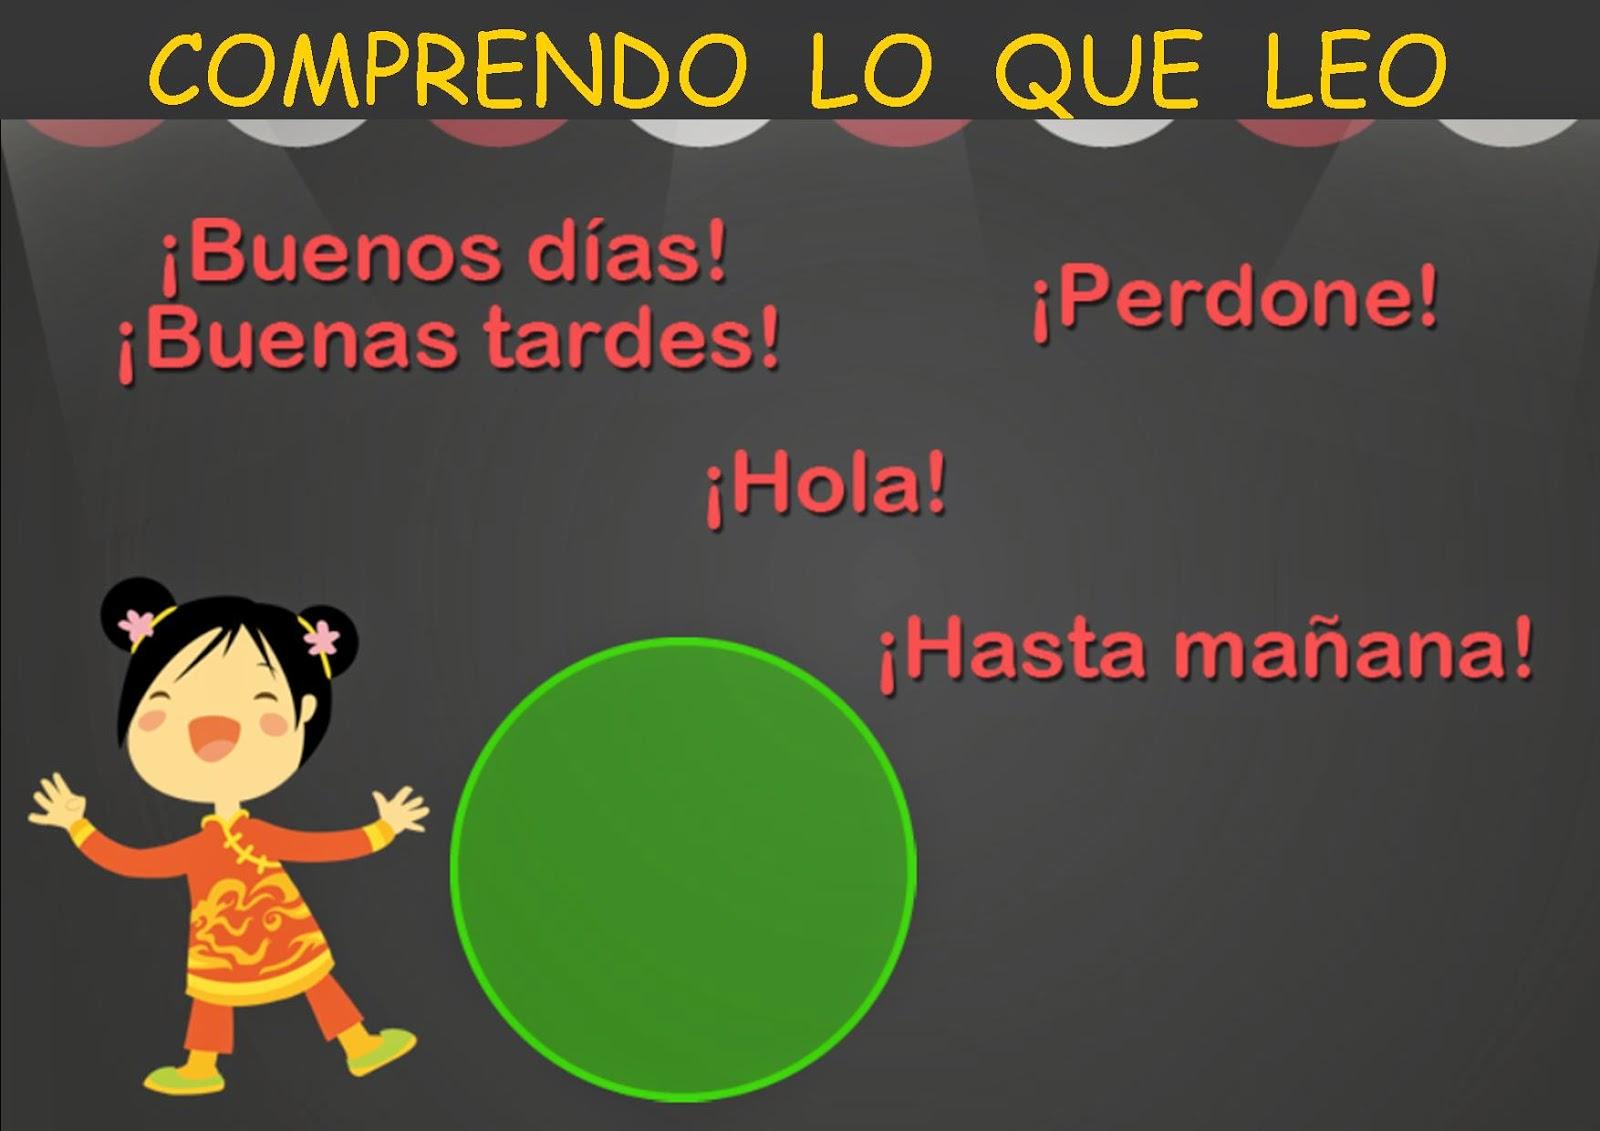 http://www.mundoprimaria.com/juegos/lenguaje/comprension-lectora/1-primaria/187-juego-presentaciones/index.php